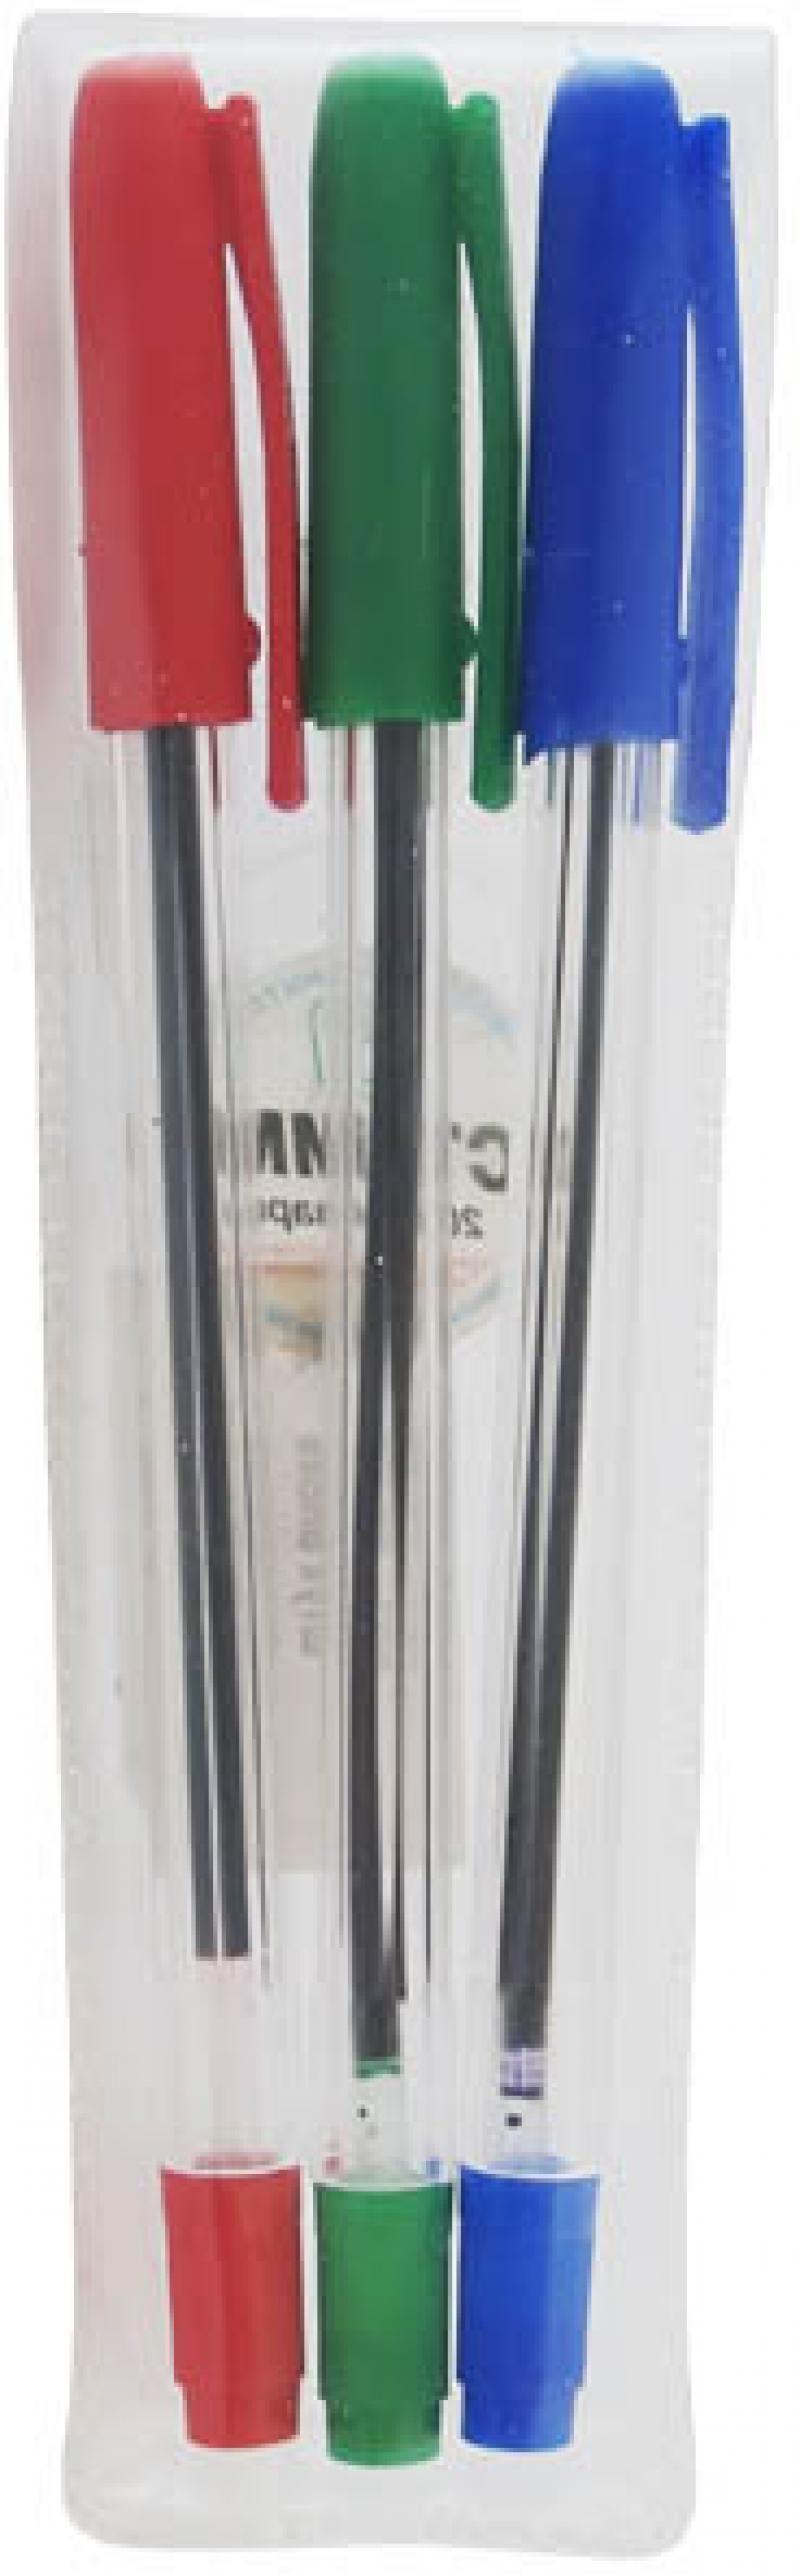 Набор шариковых ручек СТАММ РС06 3 шт разноцветный 1 мм РС06 набор шариковых ручек hauser grip well 3 шт